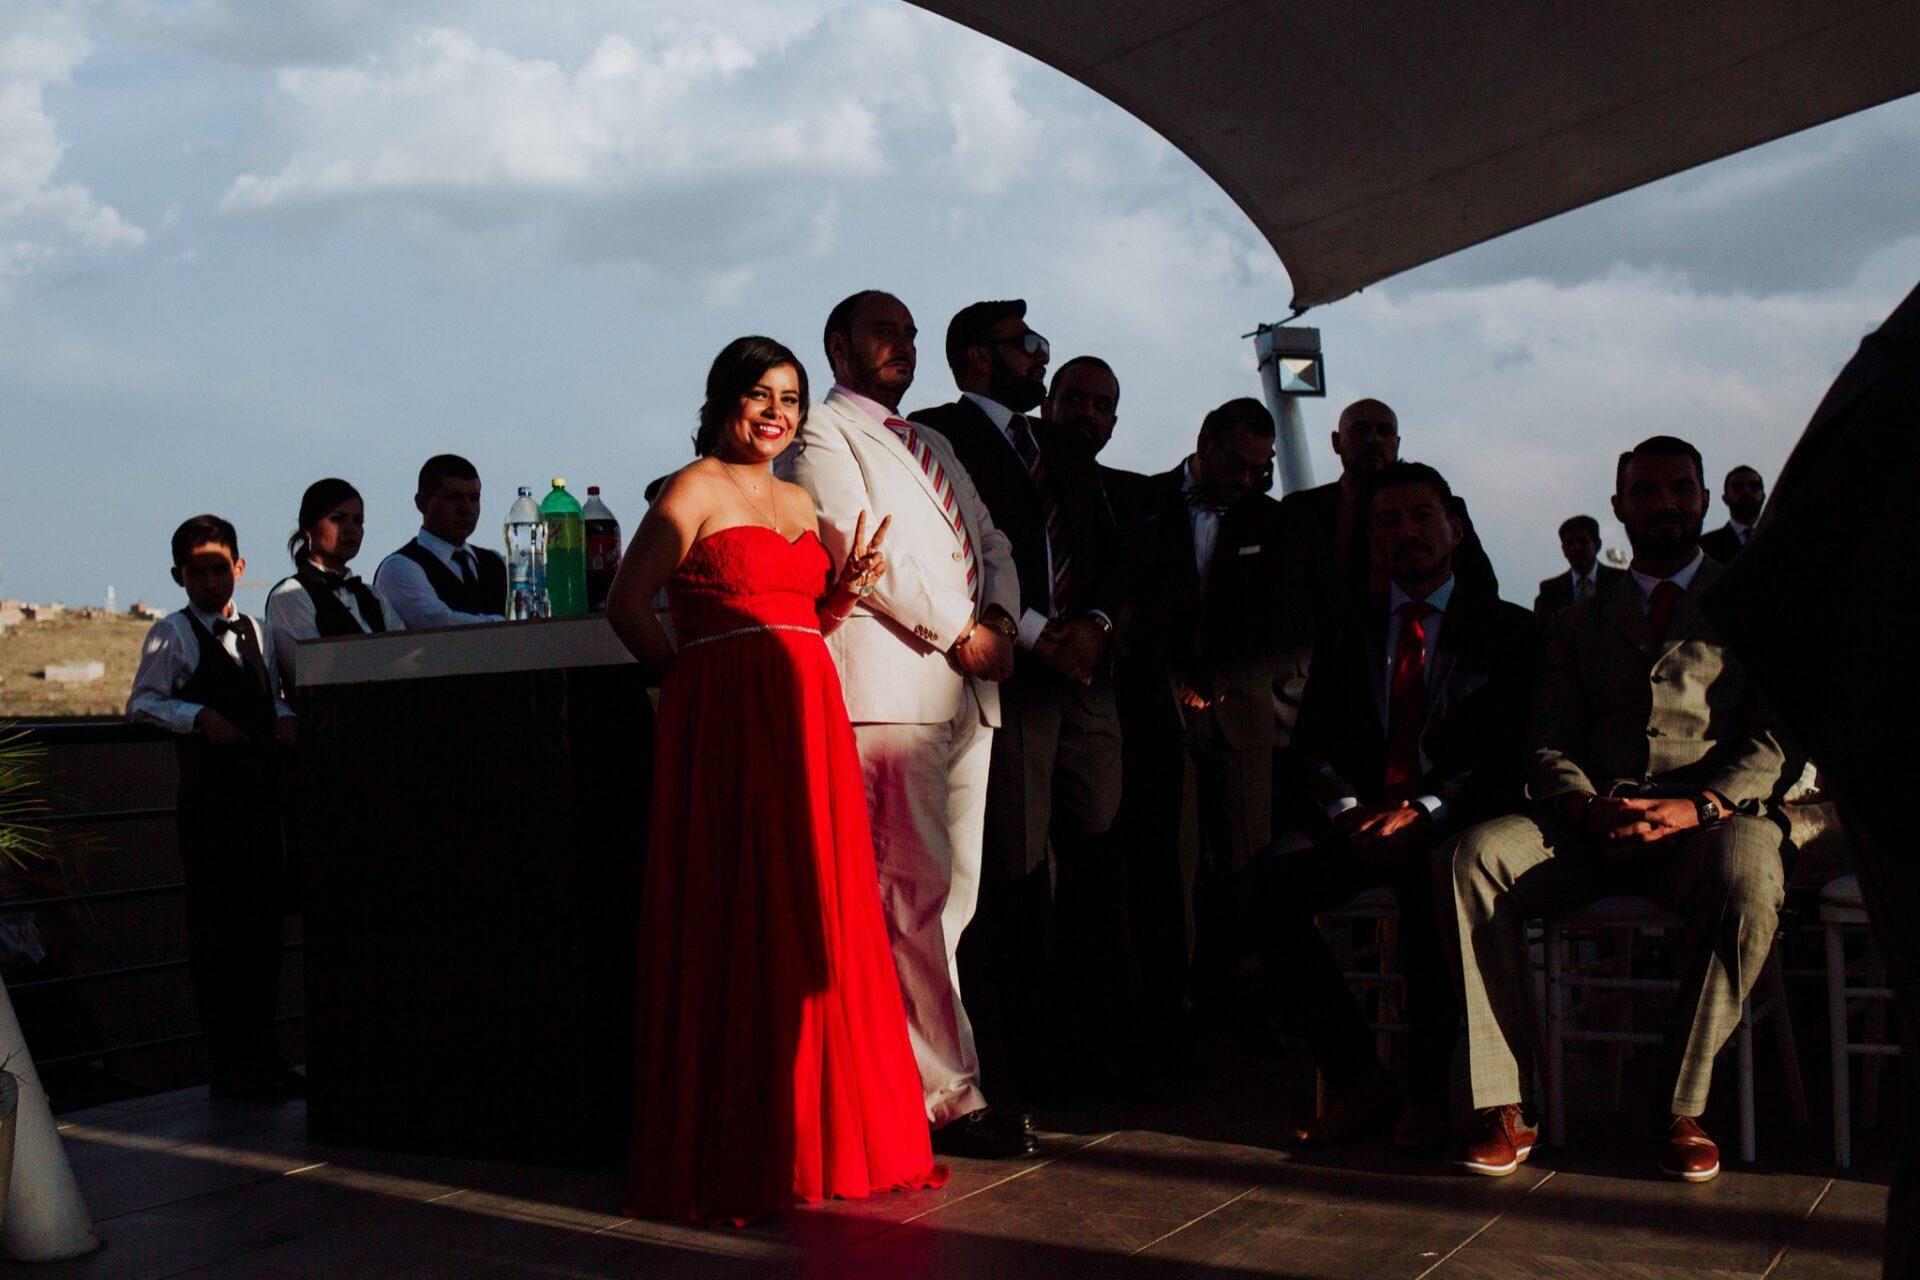 javier_noriega_fotografo_bodas_alicia_garden_zacatecas_wedding_photographer14